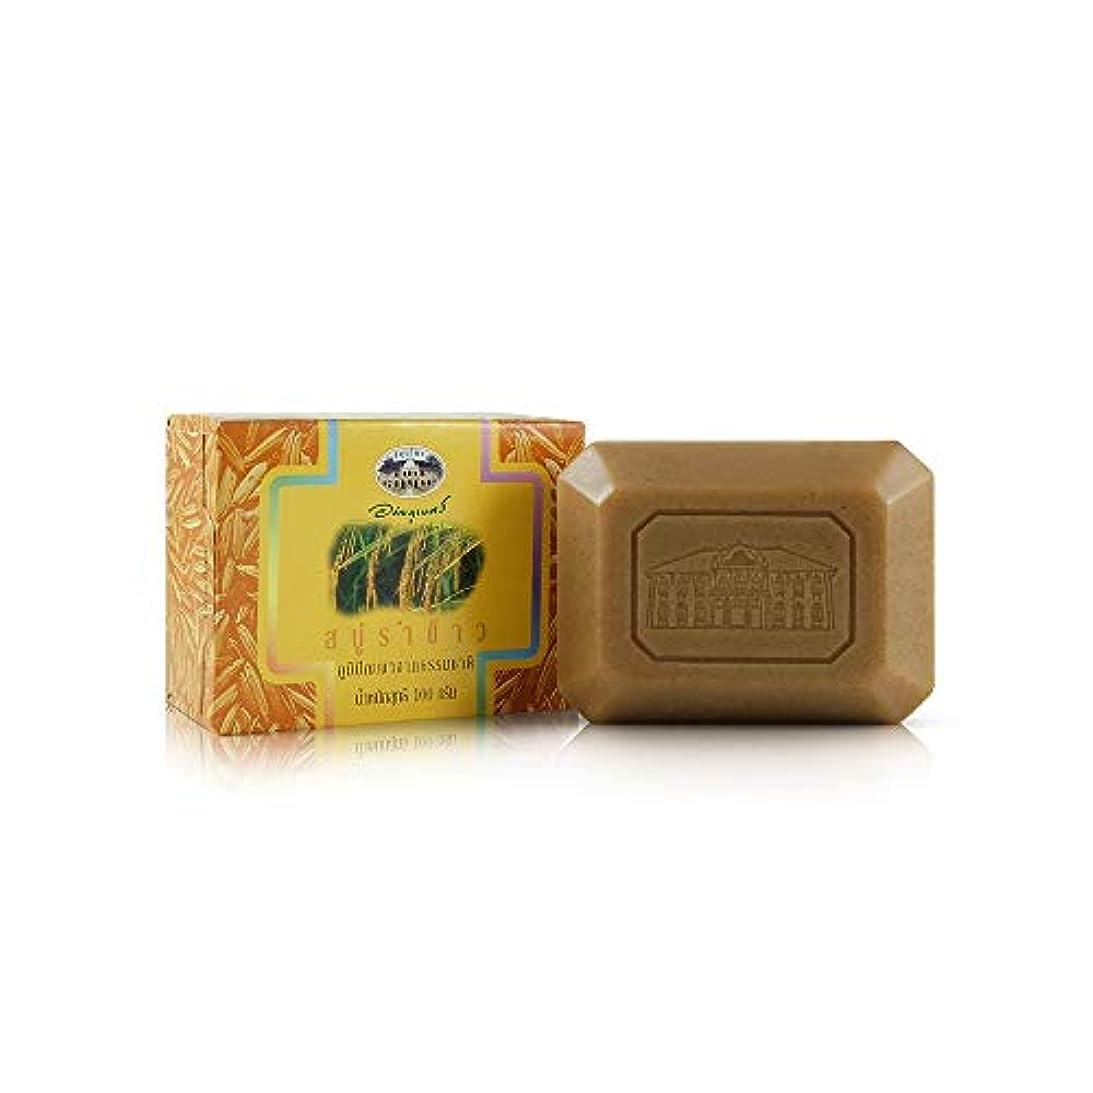 感染するアクセサリー外観Abhaibhubejhr Rice Bran Herbal Body Cleansing Soap 100g. Abhaibhubejhrライスブランハーブボディクレンジングソープ100グラム。